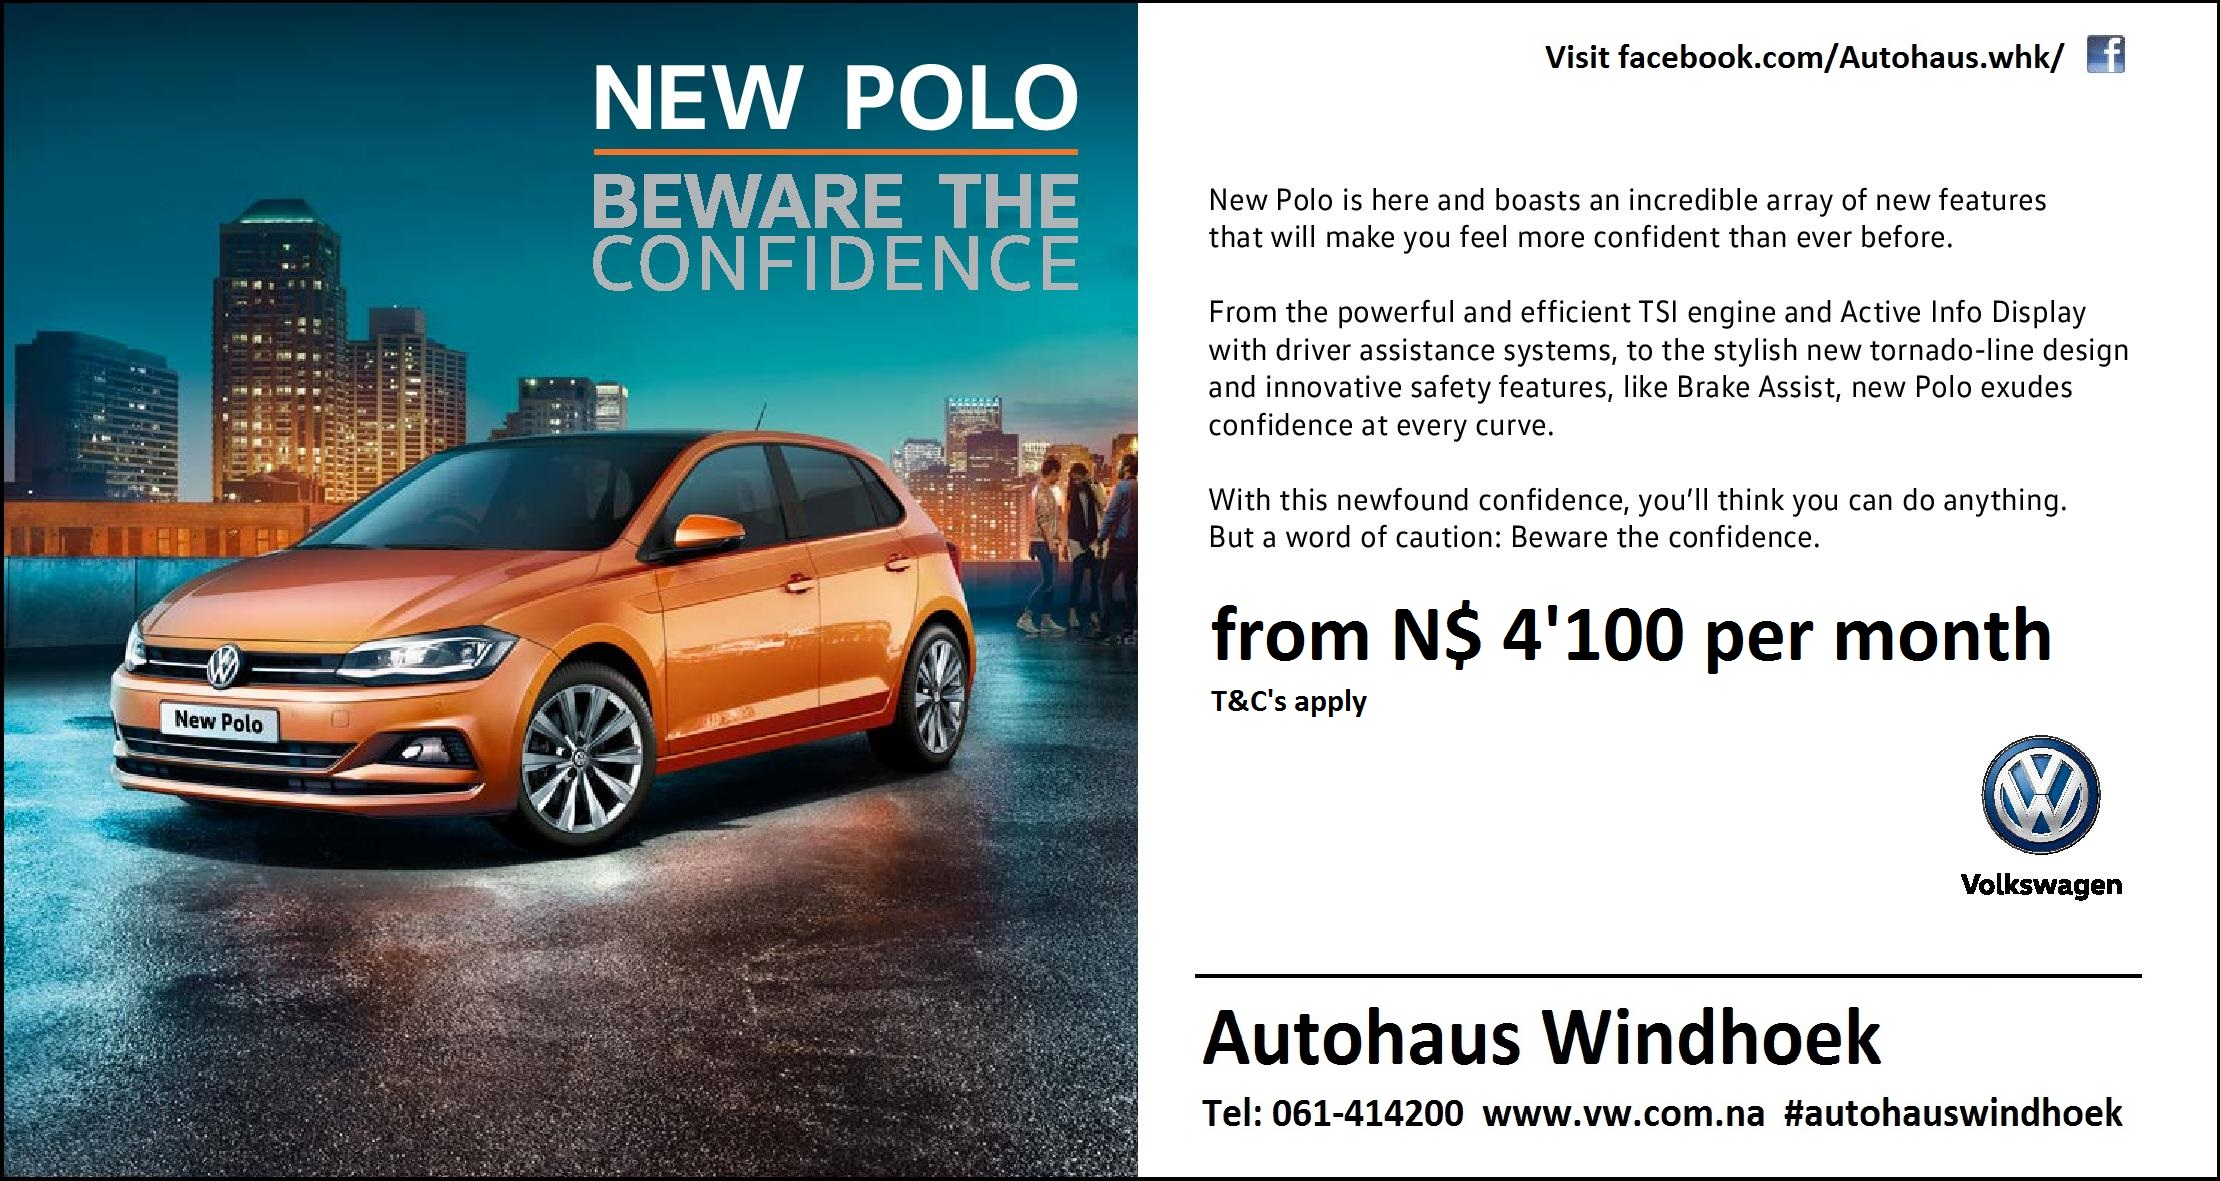 New Polo Beware Confidence